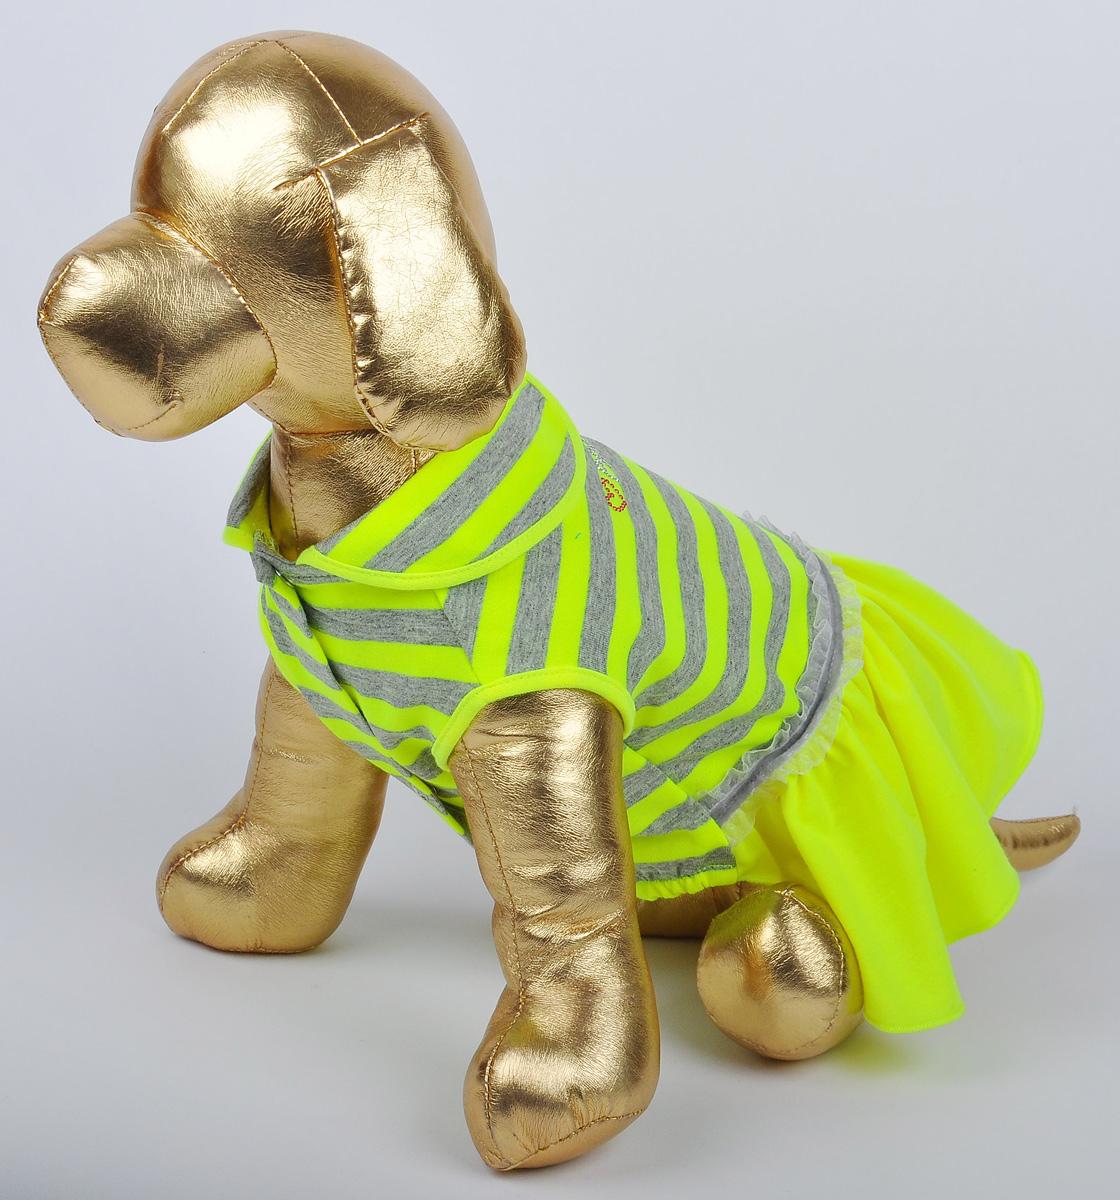 Платье для собак GLG Фэшн Ультра. Размер S0120710Платье для собак GLG Фэшн Ультра выполнено из вискозы. Рукава не ограничивают свободу движений, и собачка будет чувствовать себя в нем комфортно. Изделие застегивается с помощью кнопок..Модное и невероятно удобное платье защитит вашего питомца от пыли и насекомых на улице, согреет дома или на даче. Длина спины: 23-25 см Обхват груди: 31-33 см.